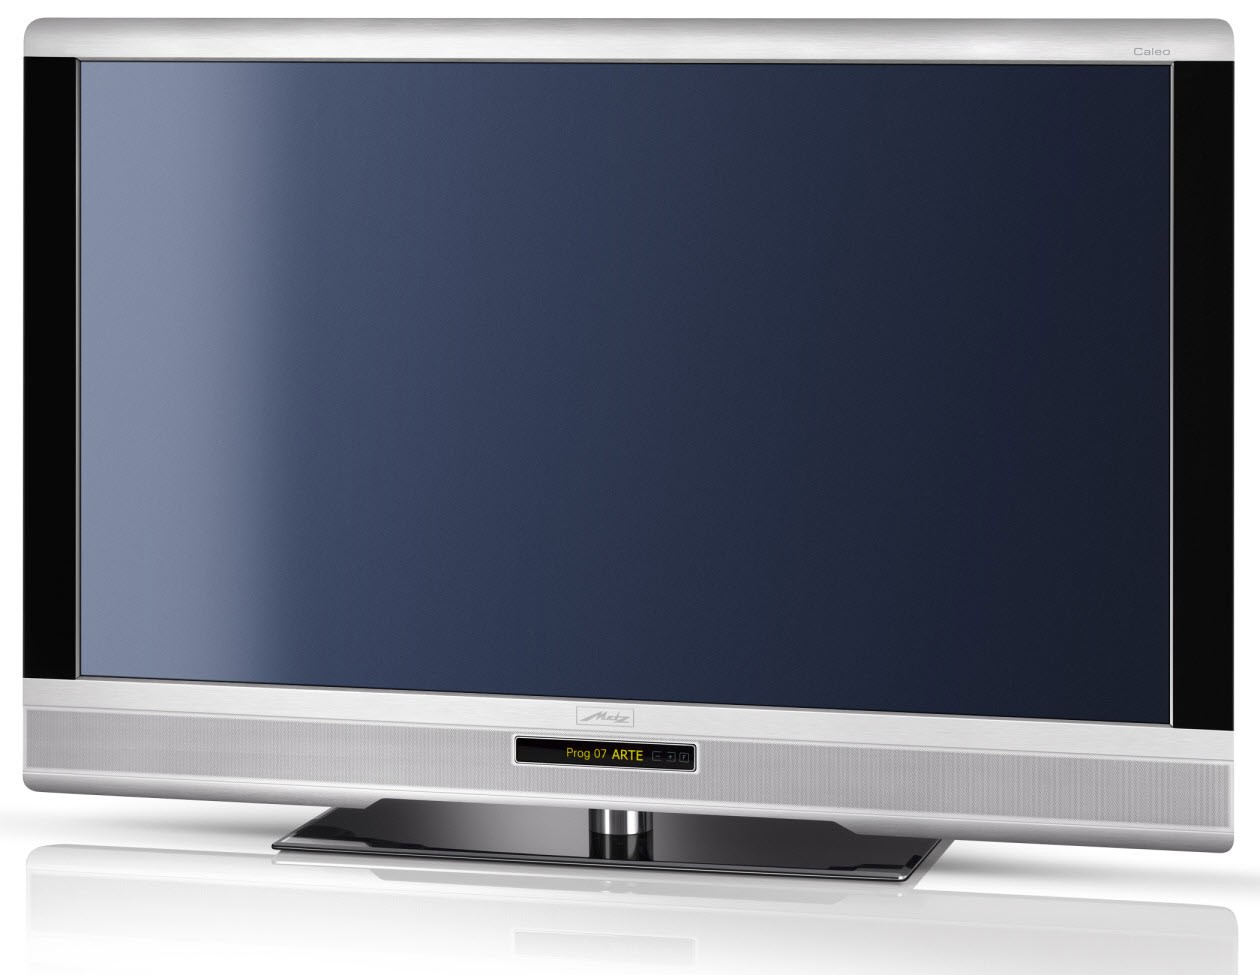 Chinesische Fernseher